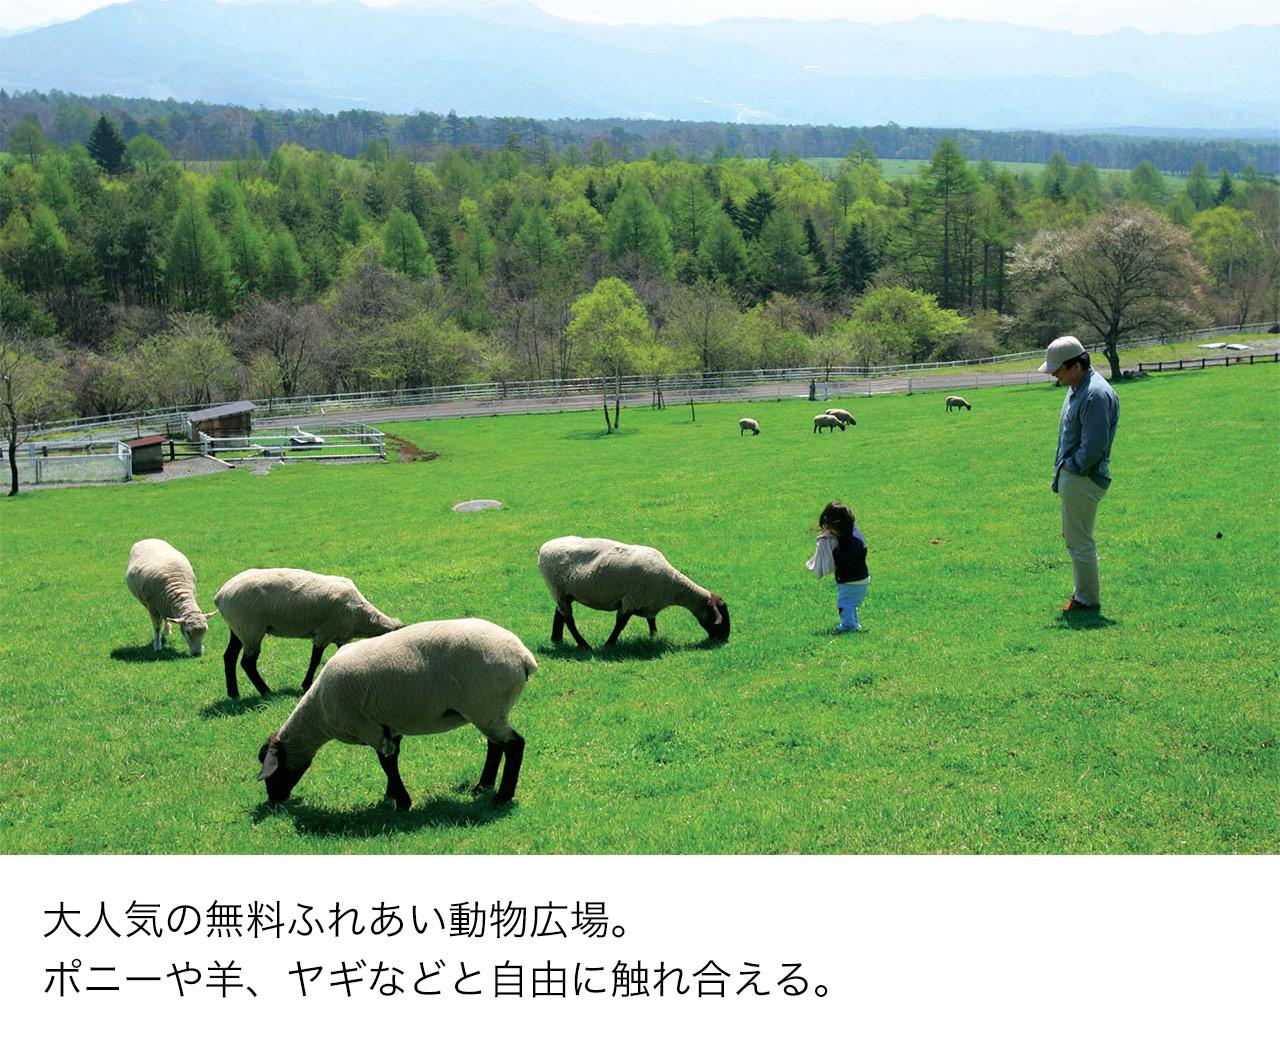 大人気の無料ふれあい動物広場。ポニーや羊、ヤギなどと自由に触れ合える。